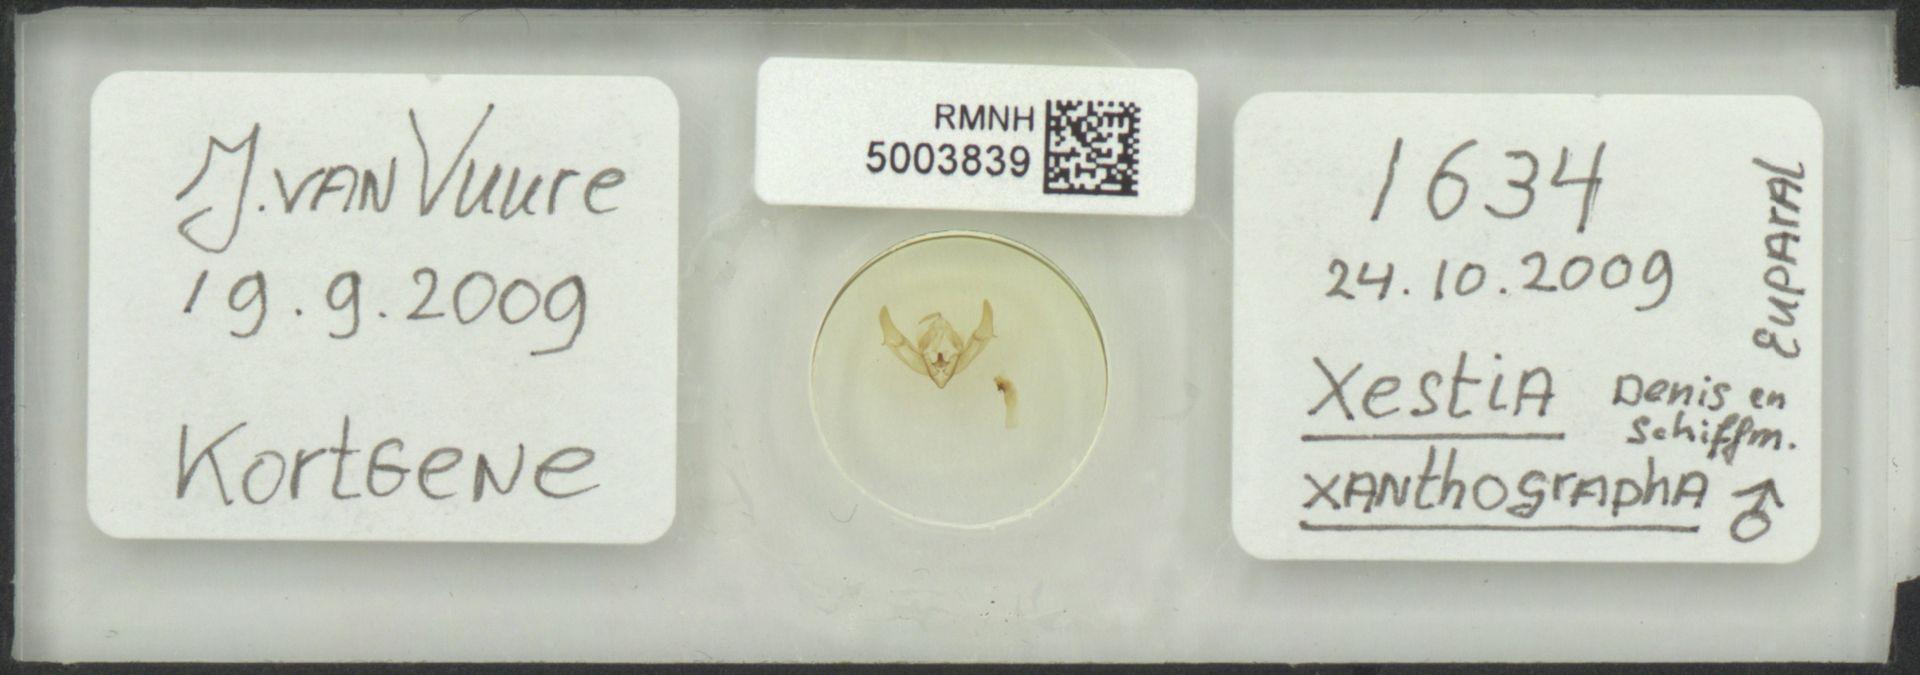 RMNH.5003839   Xestia xanthographa Denis en Schiffm.